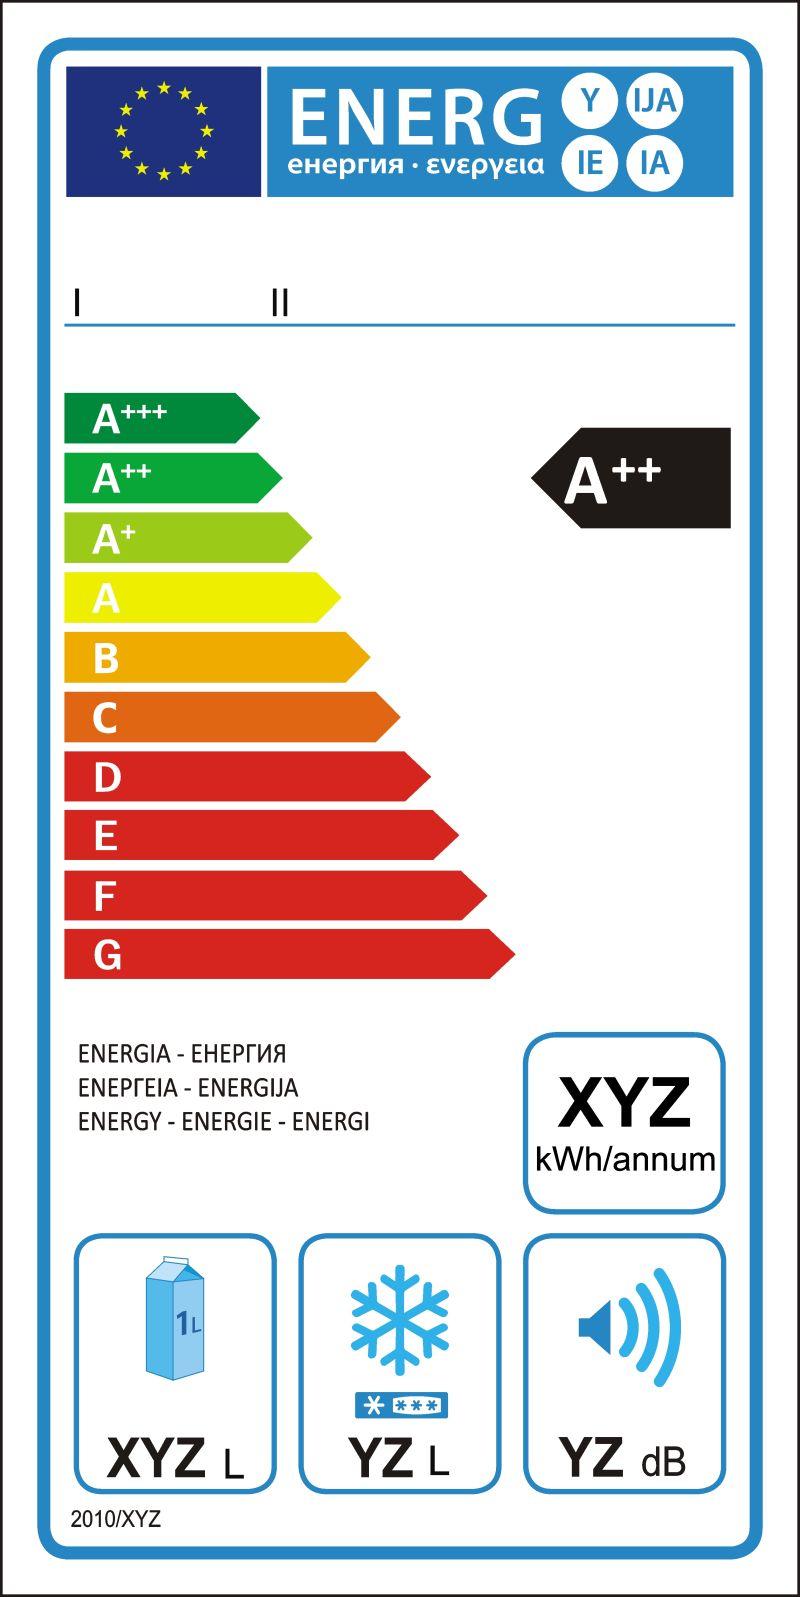 制冷机新能源等级图矢量标注